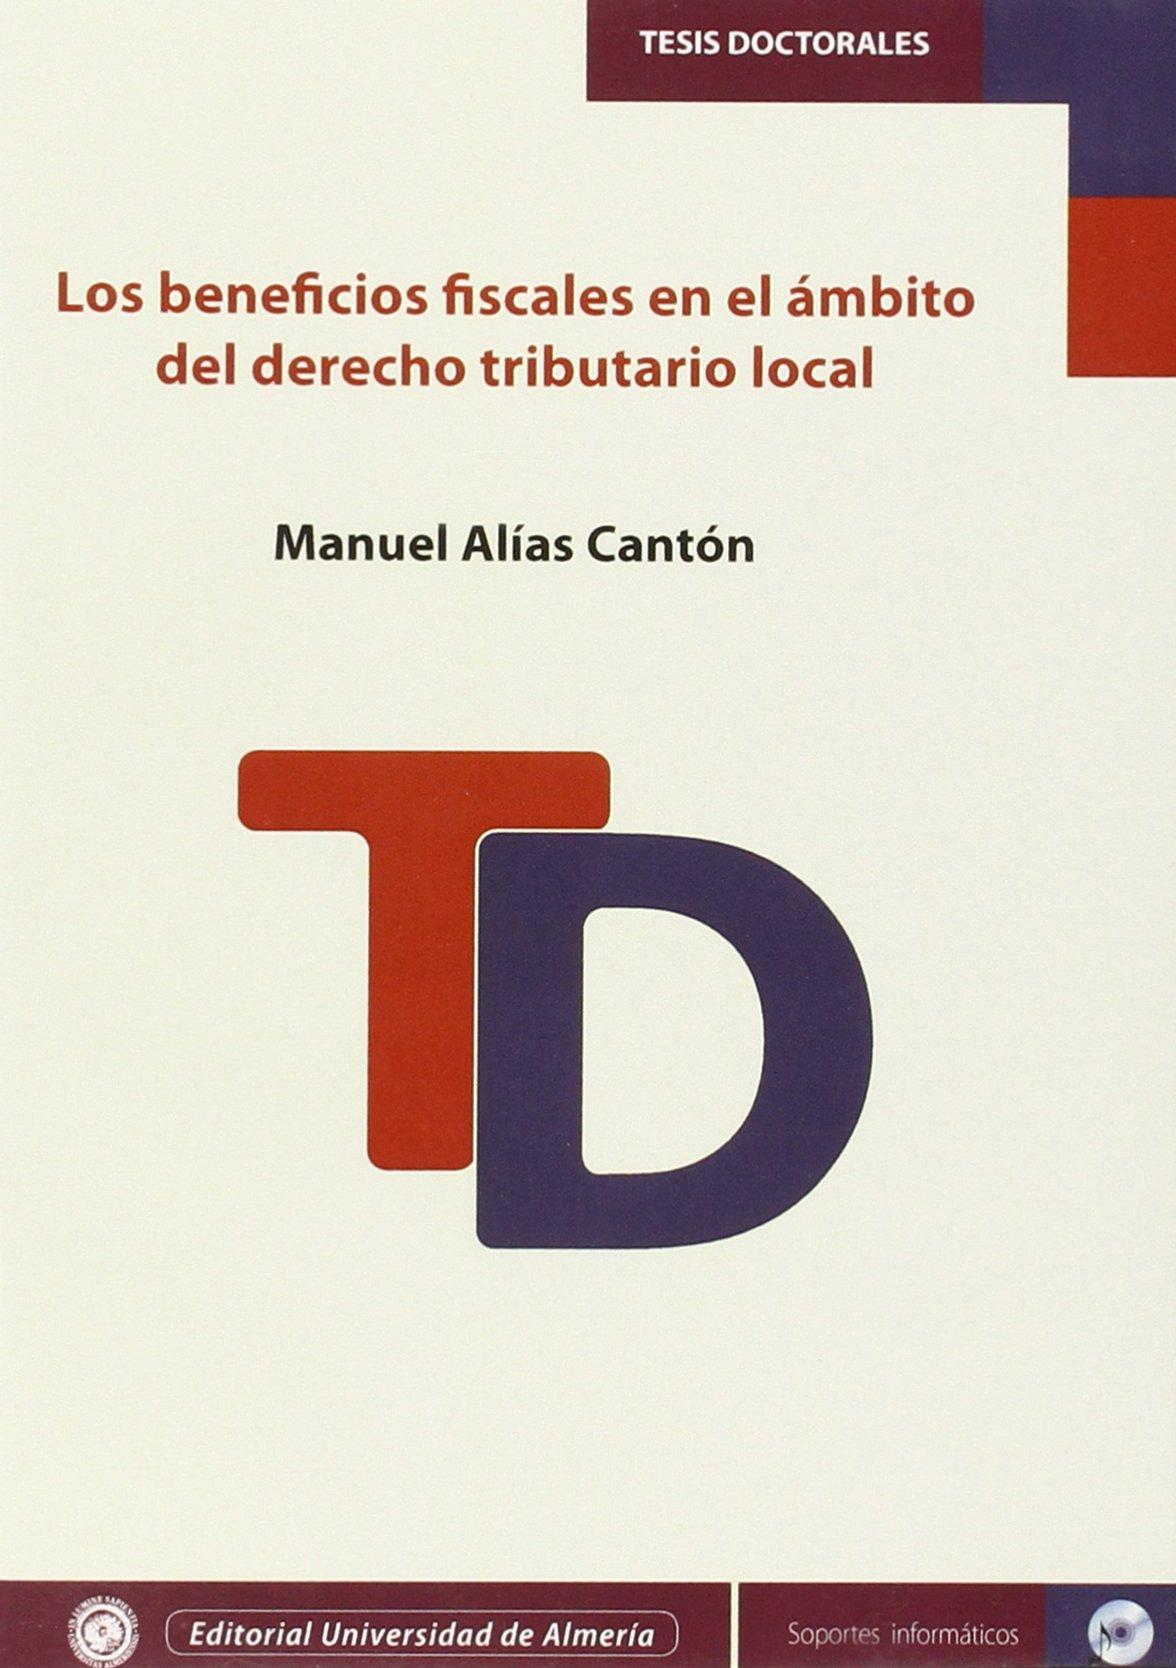 Los beneficios fiscales en el ámbito del derecho tributario local Tesis Doctorales Edición Electrónica: Amazon.es: Manuel Alías Cantón: Libros